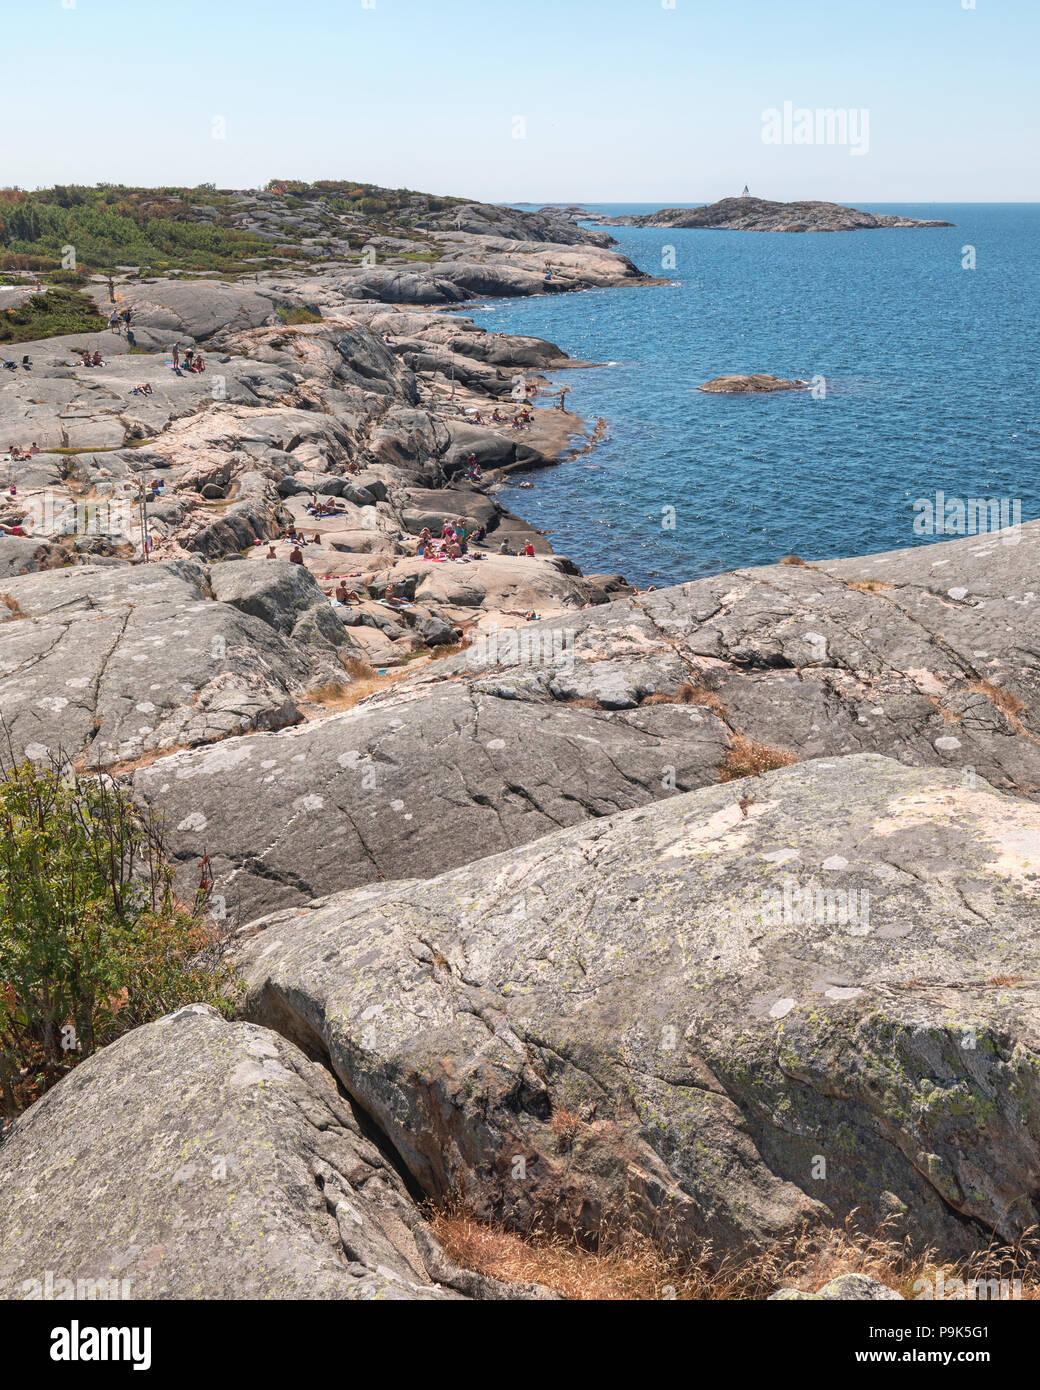 Stora Amundön Sweden July 16 2018 View Overlooking The Granite